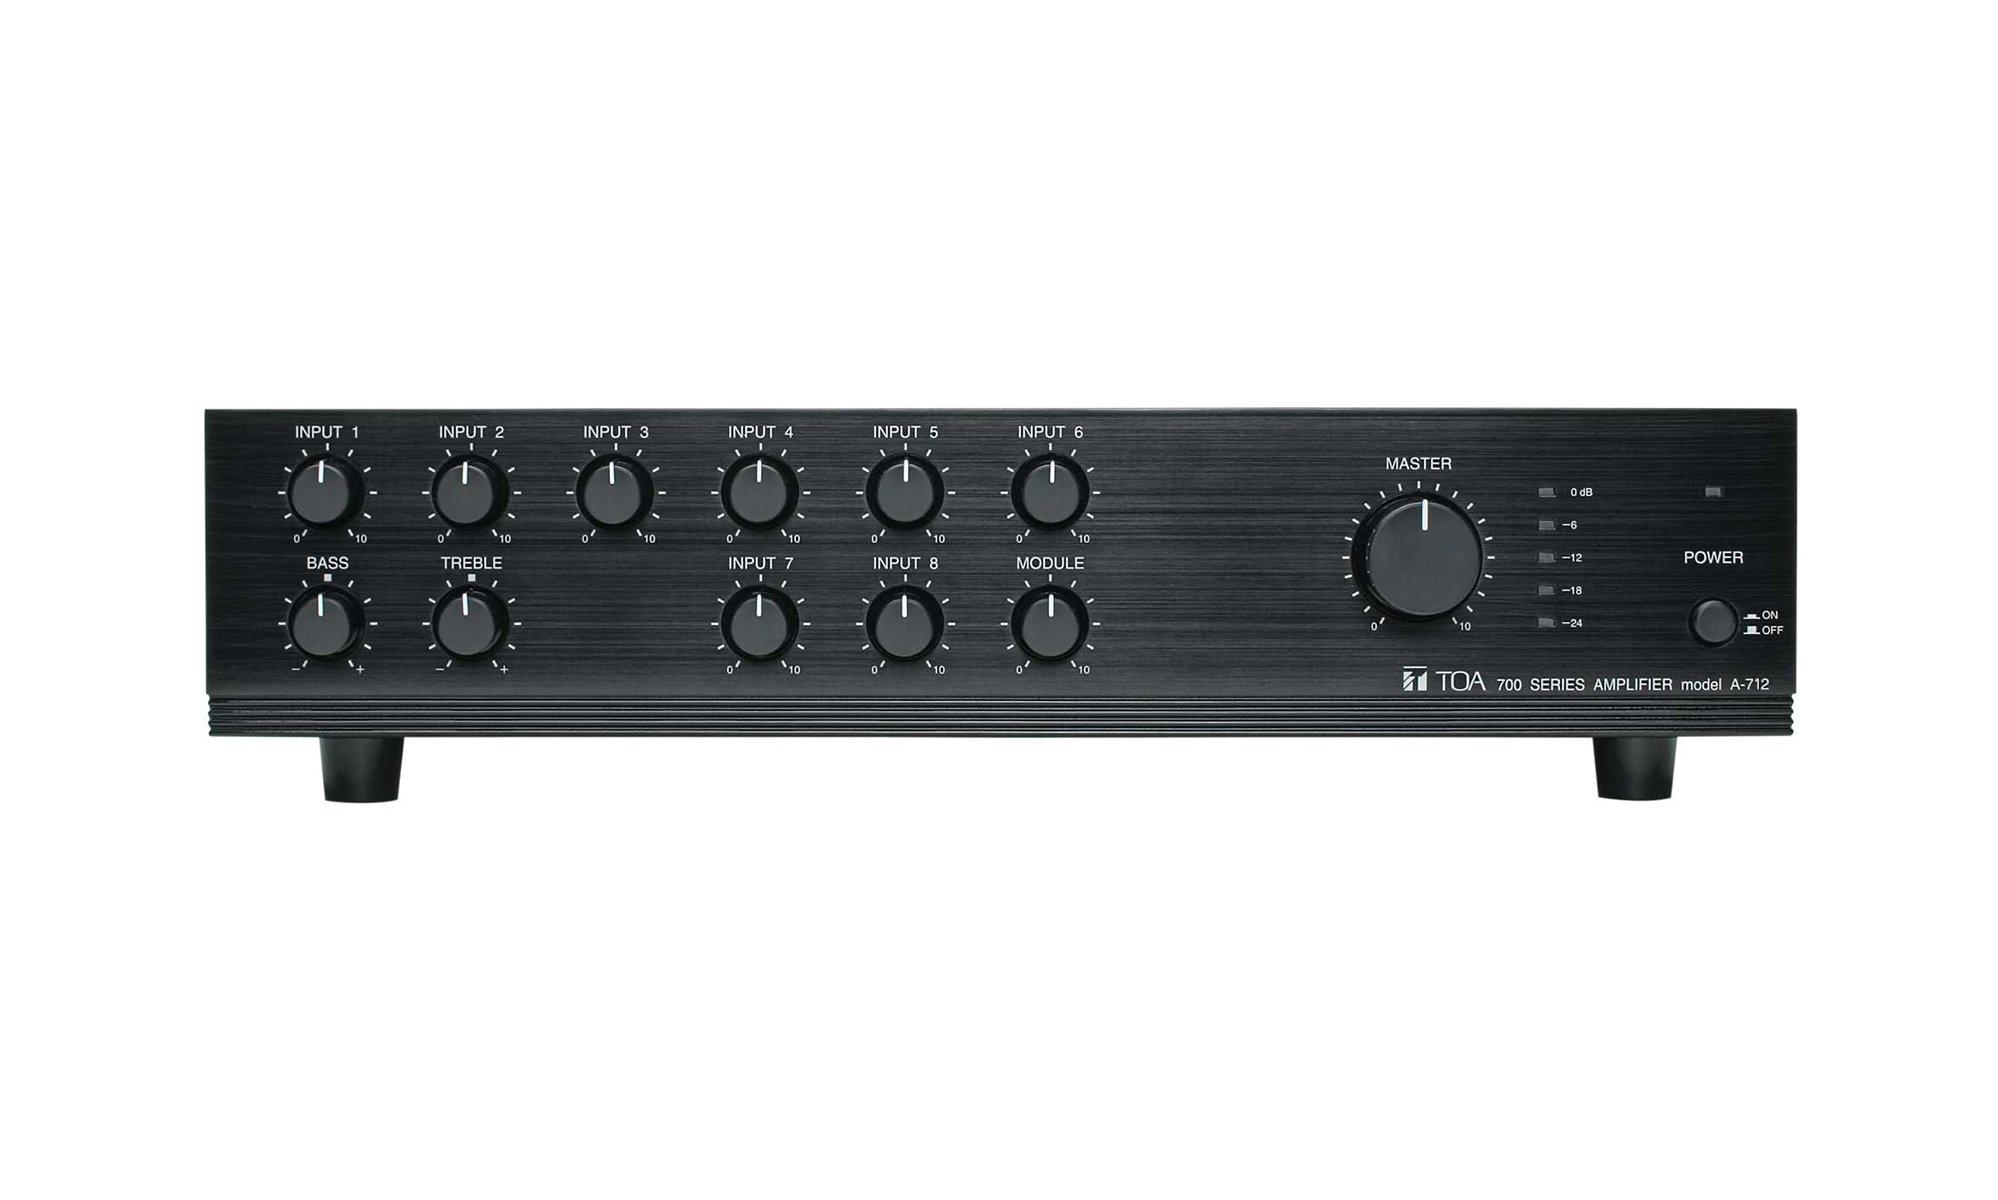 Mixer / Amplifier, 120W, A-712